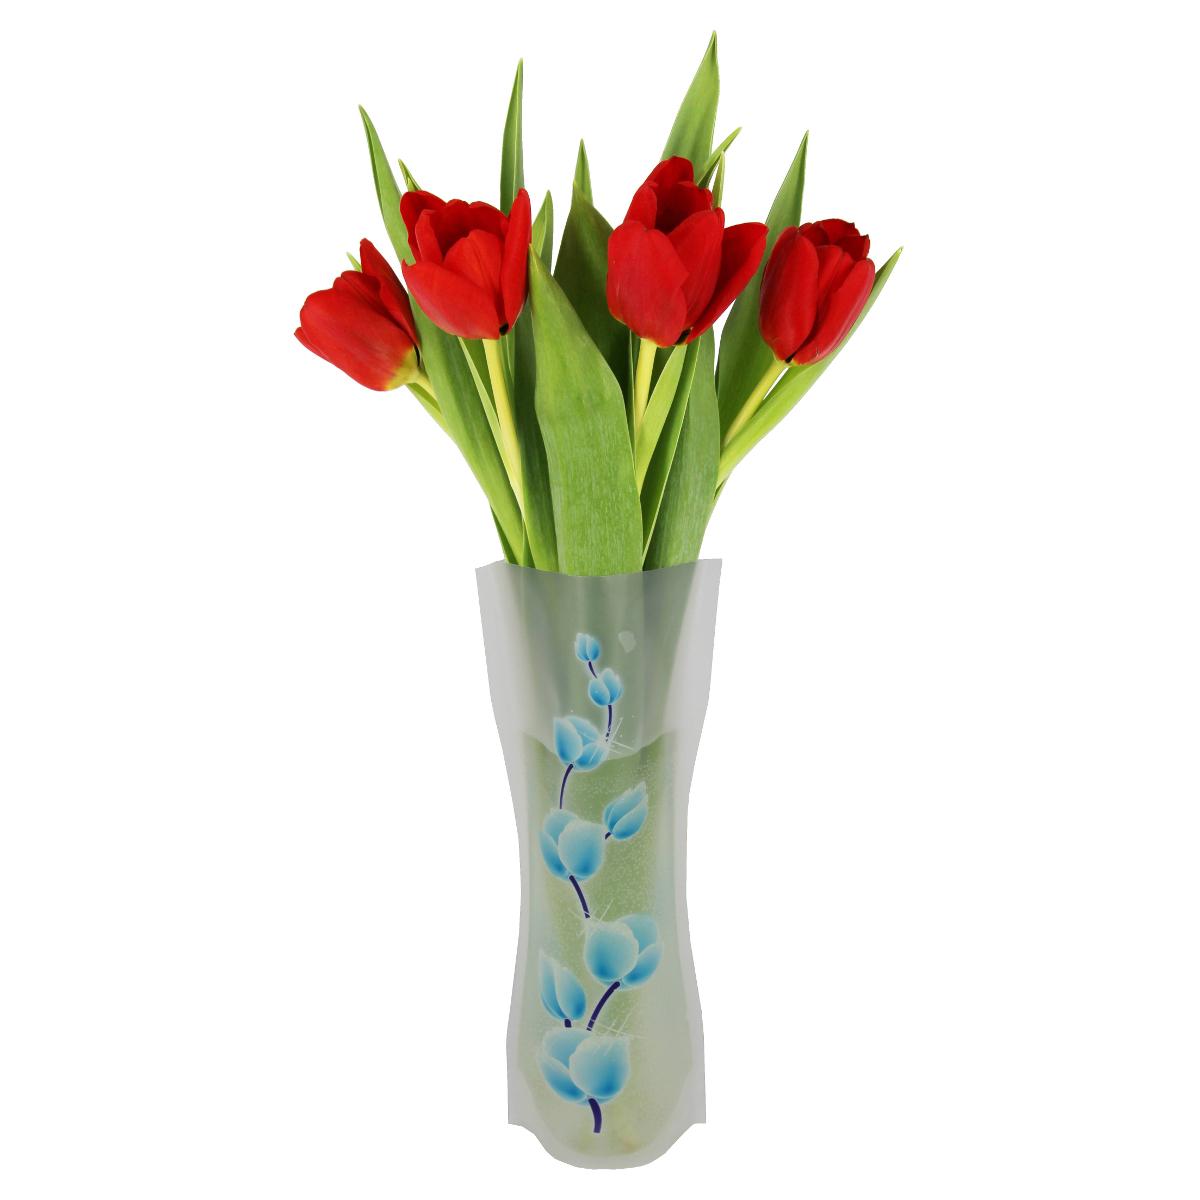 Ваза МастерПроф Синие пионы, пластичная, 1 лFS-91909Пластичная ваза Синие пионы легко складывается, удобно хранится - занимает мало места, долго служит. Всегда пригодится дома, в офисе, на даче, для оформления различных меропритятий. Отлично подойдет для перевозки цветов, или просто в подарок.Инструкция: 1. Наполните вазу теплой водой;2. Дно и стенки расправятся;3. Вылейте воду;4. Наполните вазу холодной водой;5. Вставьте цветы.Меры предосторожности:Хранить вдали от источников тепла и яркого солнечного света. С осторожностью применять для растений с длинными стеблями и с крупными соцветиями, что бы избежать опрокидывания вазы.